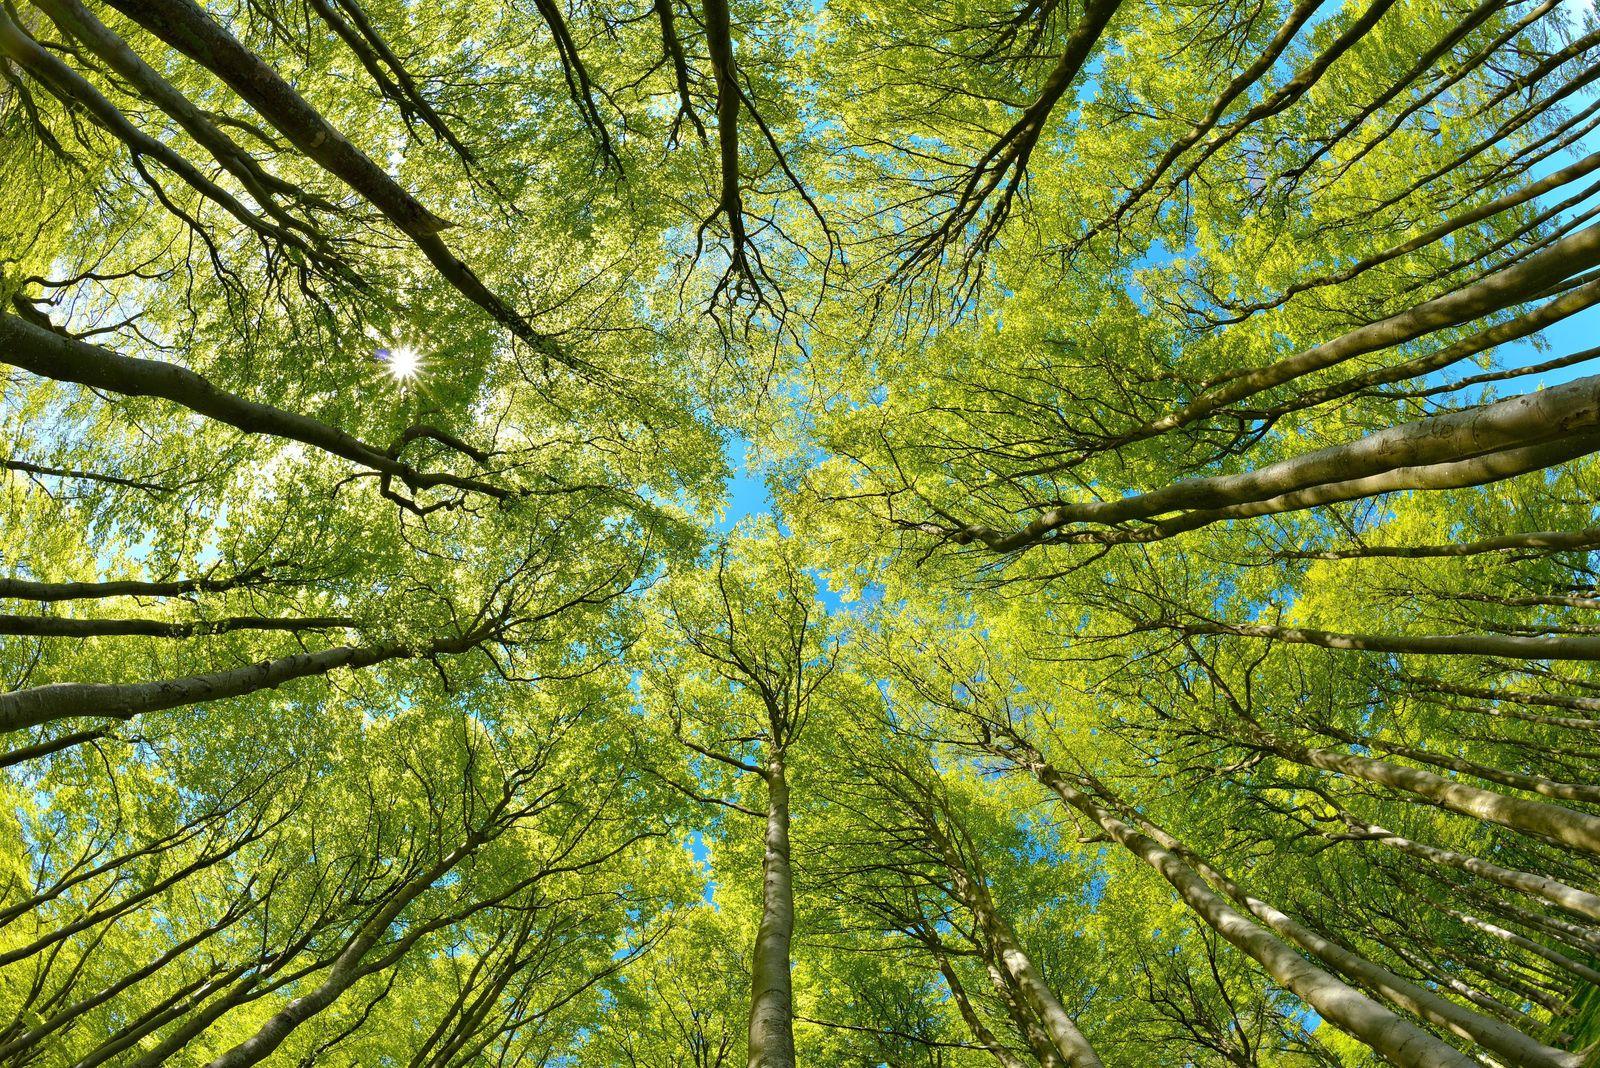 Naturnaher sonniger Buchenwald im Frühling, Blick in die Baumkronen, frisches Grün, blauer Himmel, Sonne strahlt durchs